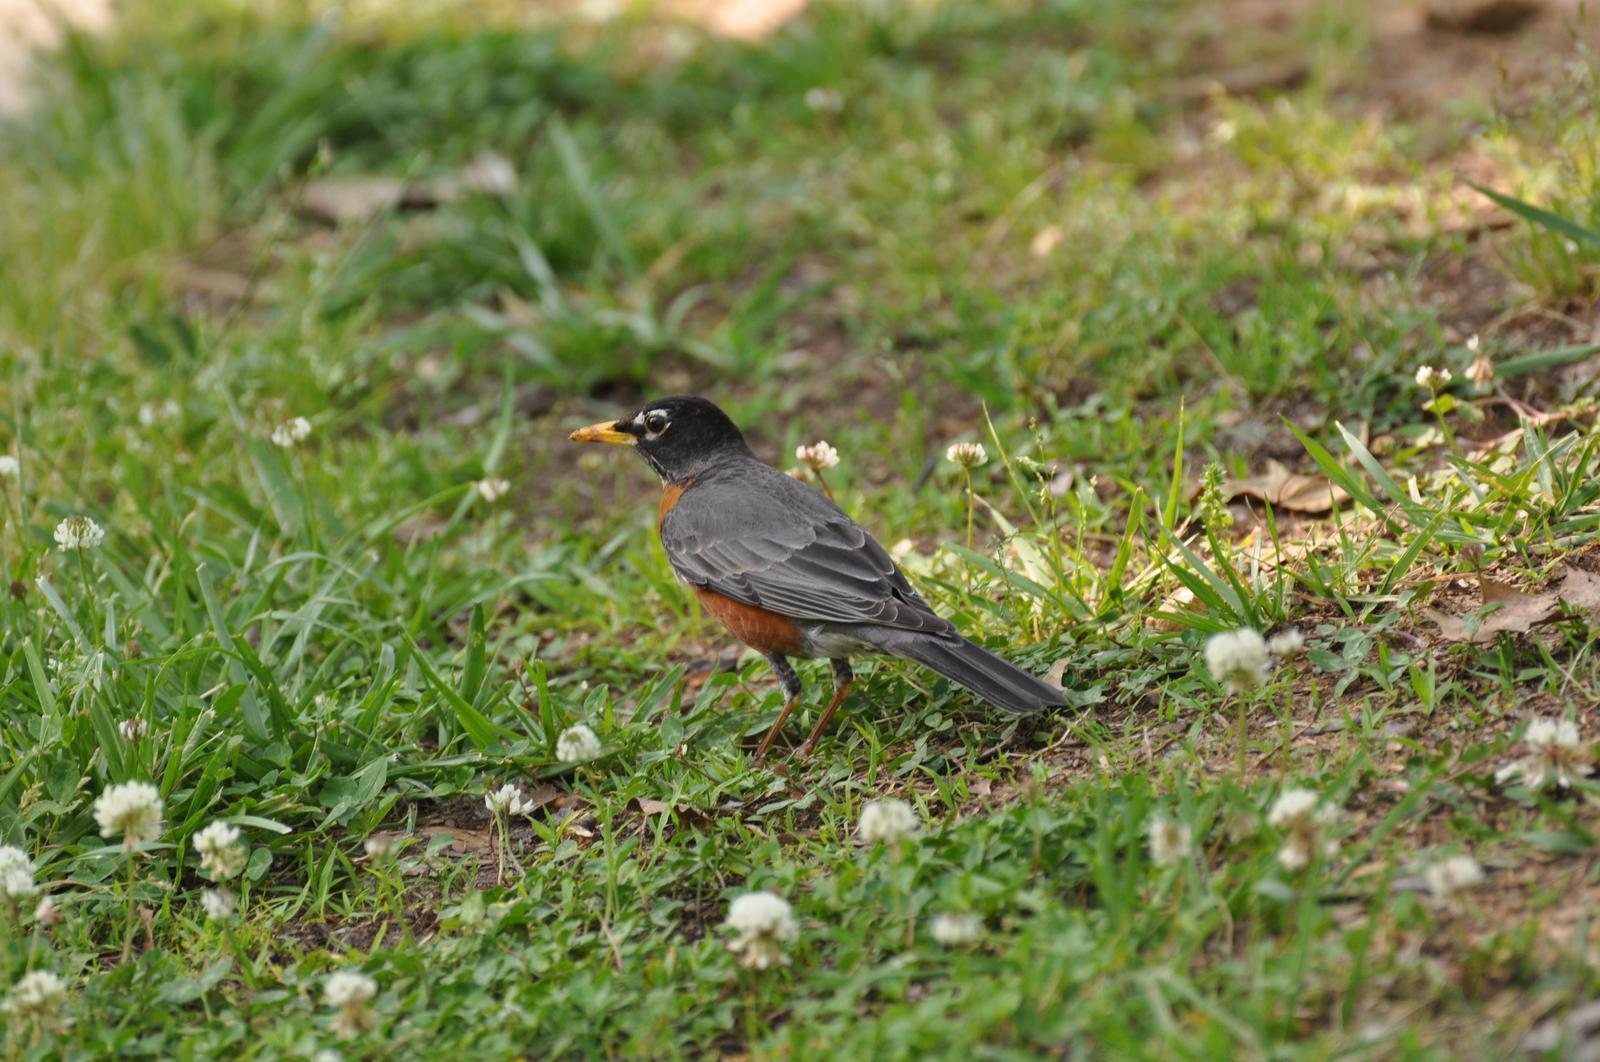 American Robin Photo by Ashley Grubstein